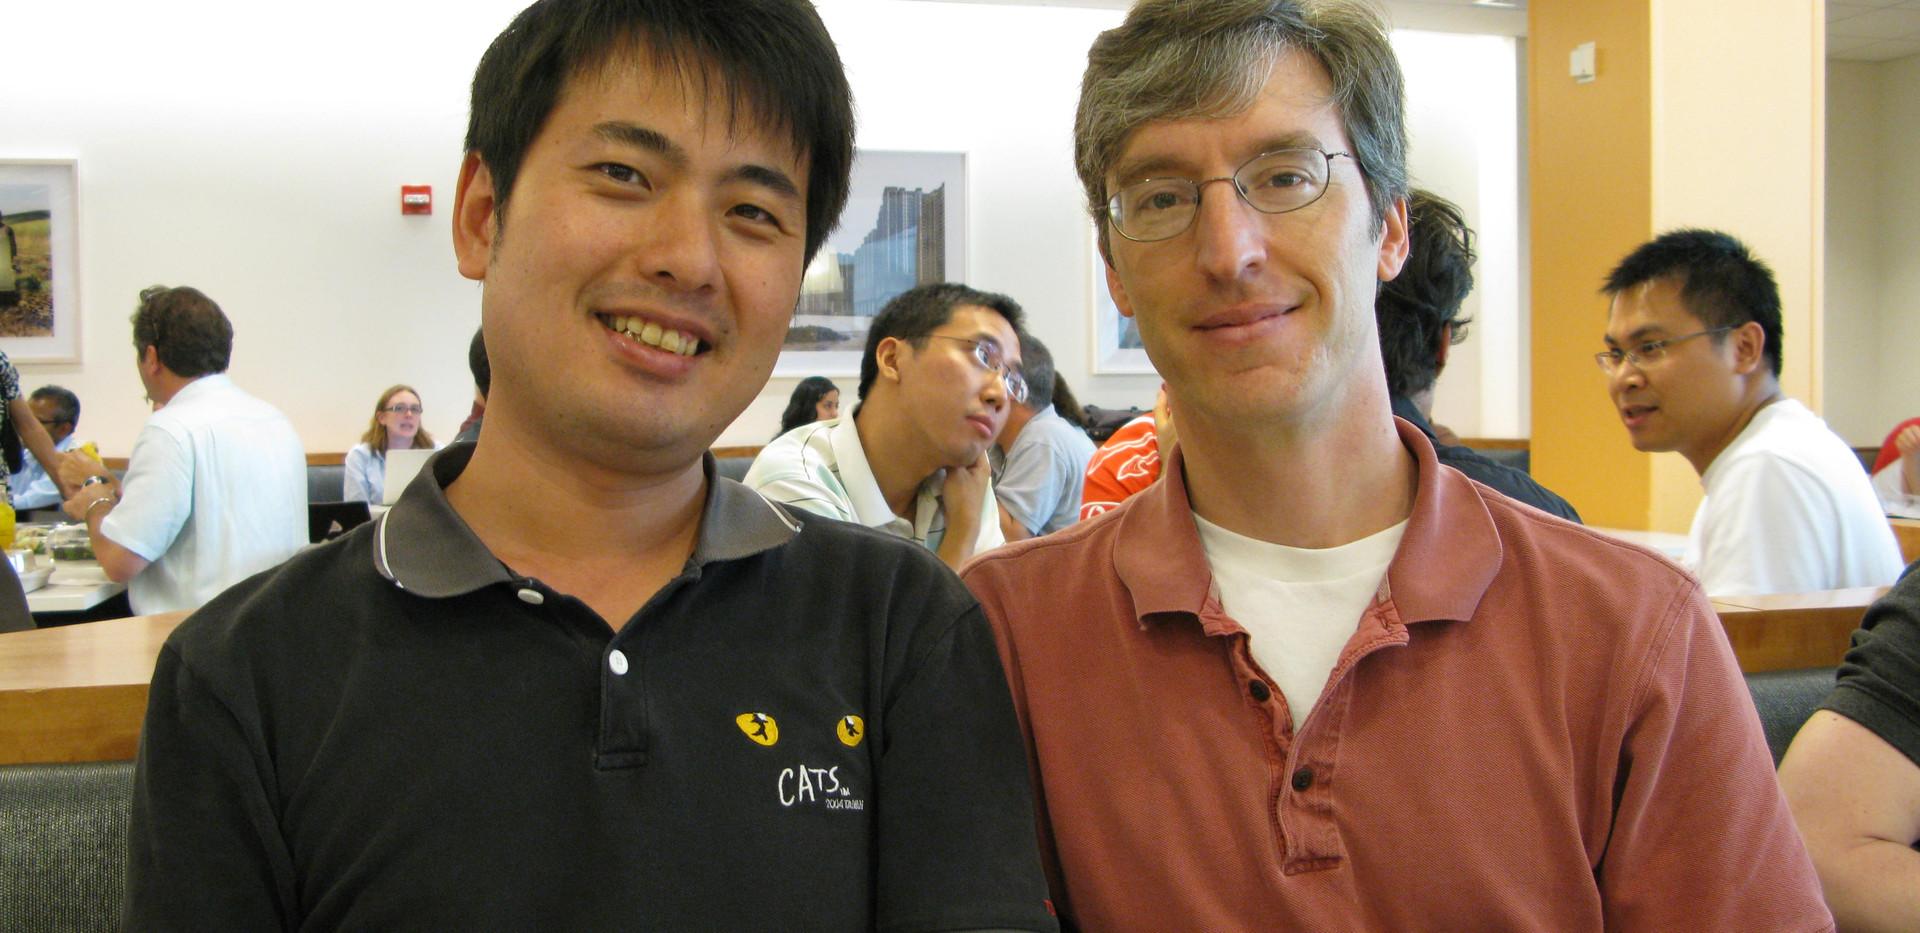 Steve 2008